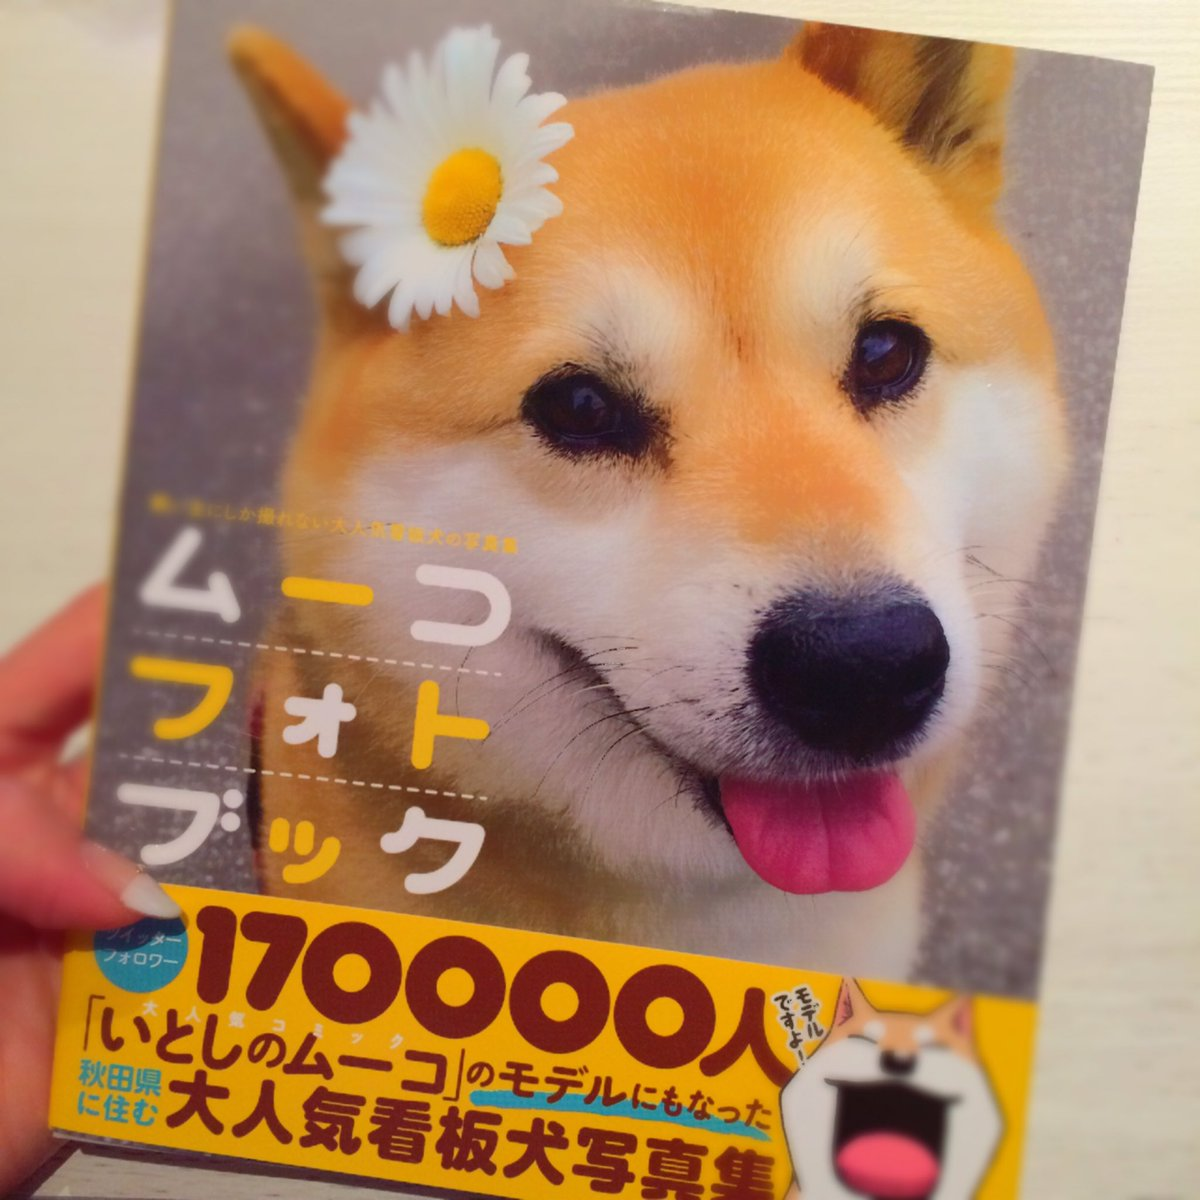 ずっと楽しみにしていたムーコのフォトブックが届きました♡キューーーン♡可愛すぎる...!!みてるだけて幸せになる♡#ムー